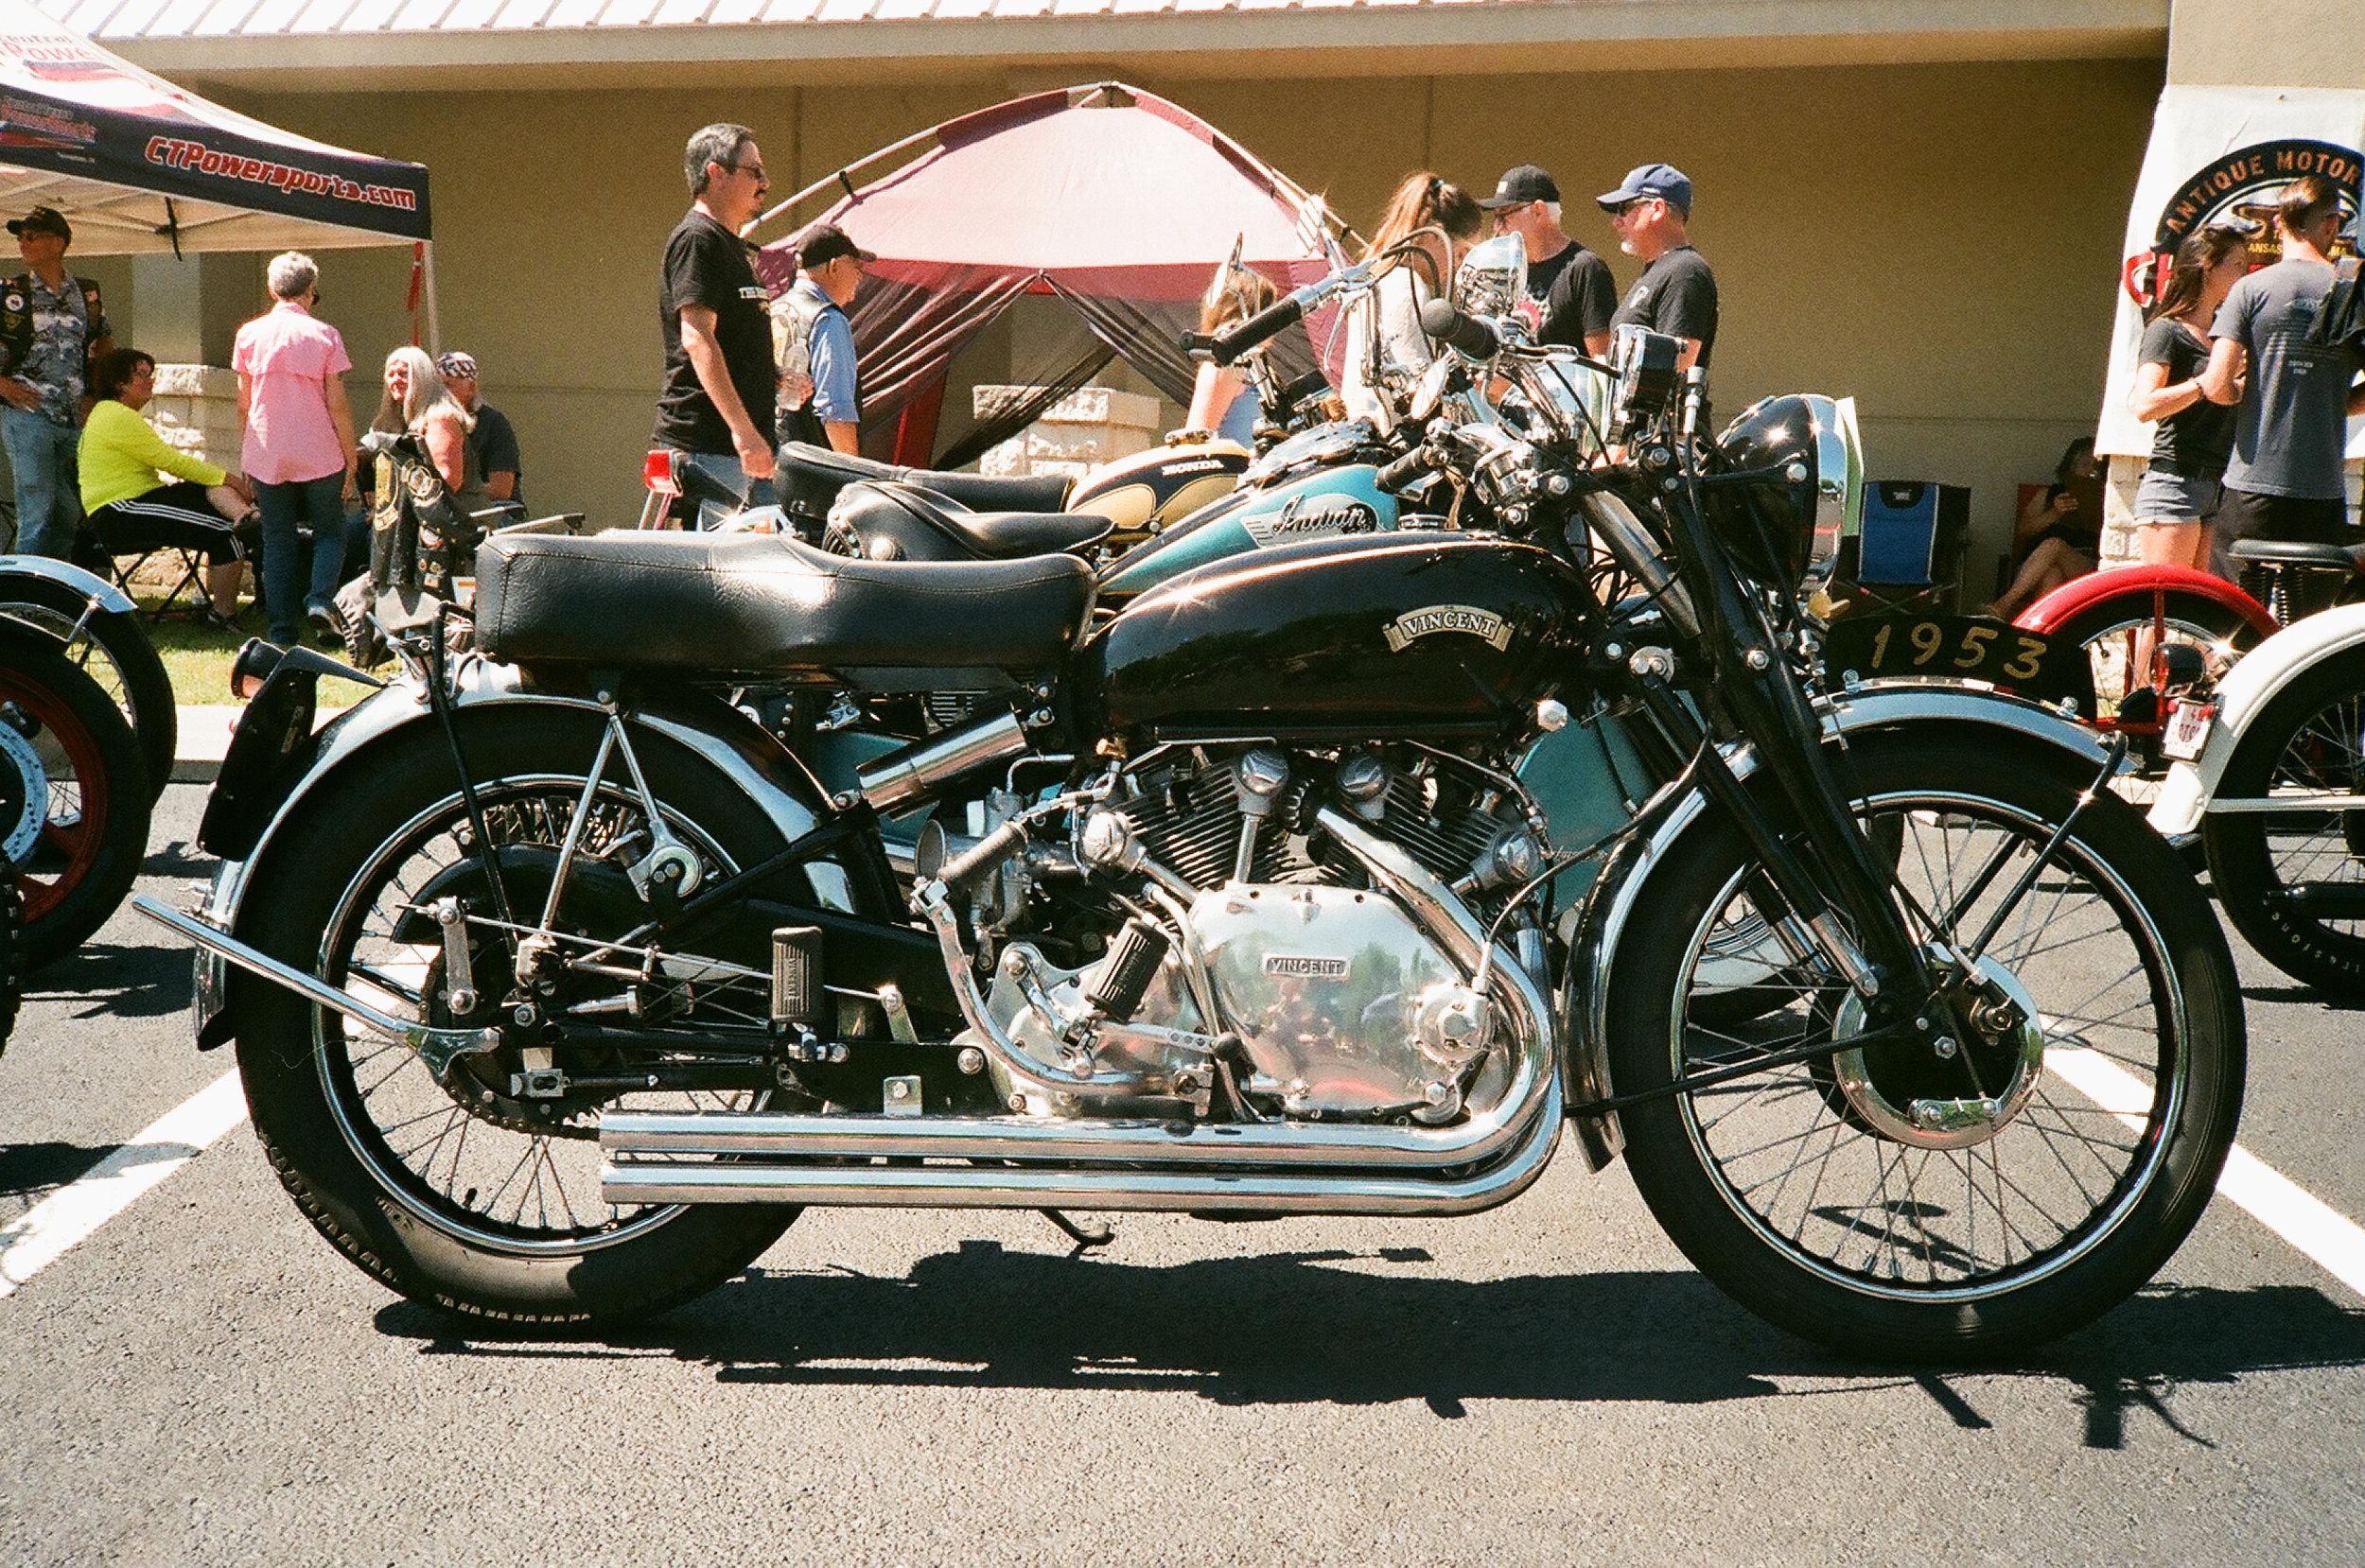 texas-motorcycle-revival-2017-58500007.jpg